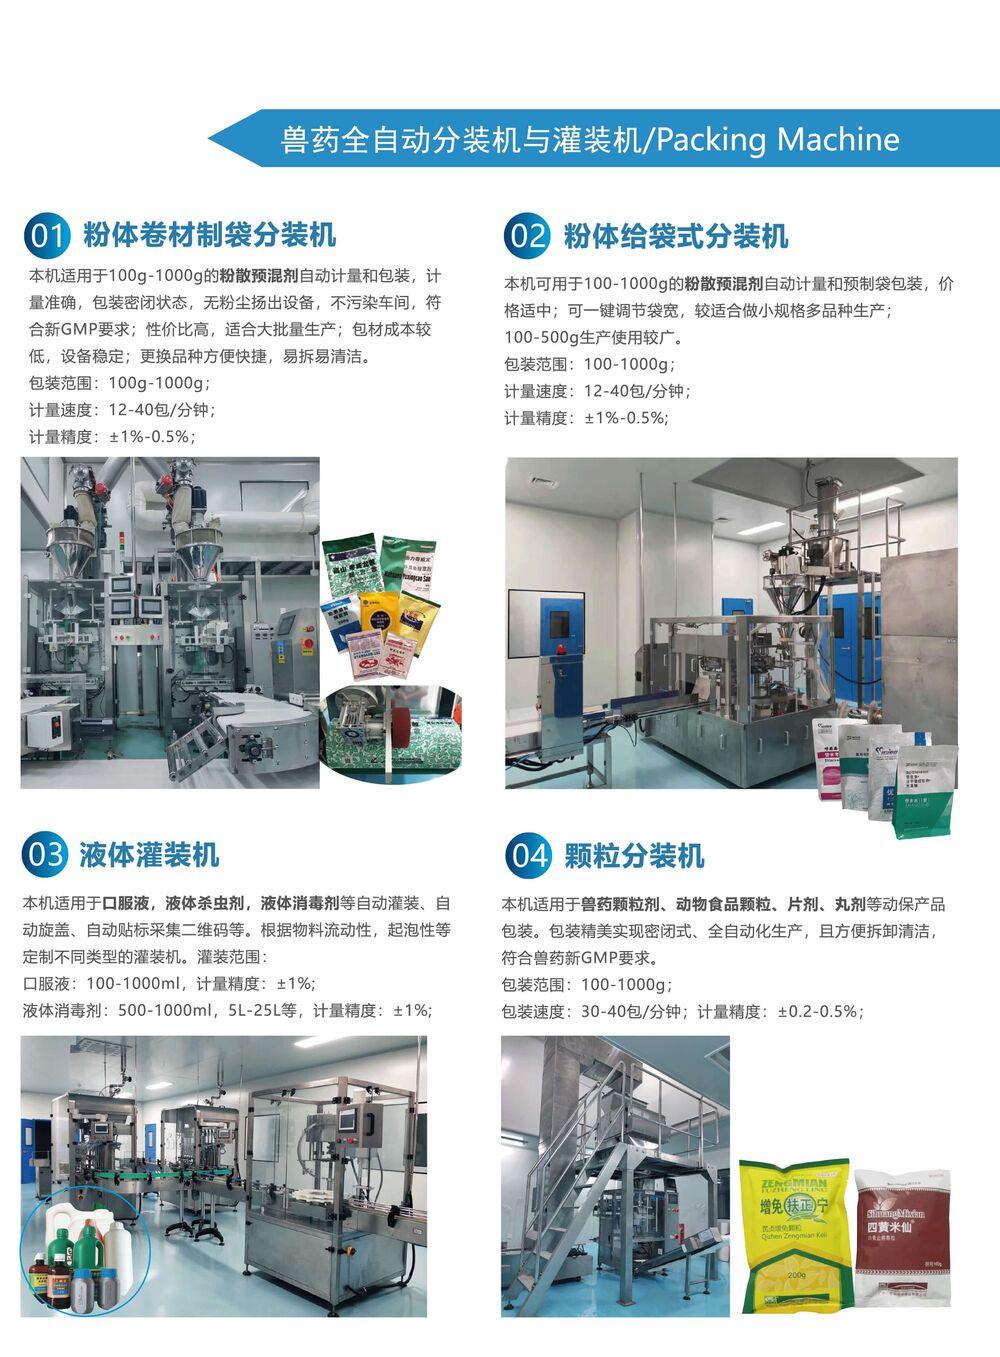 兽药全自动分装机与灌装机